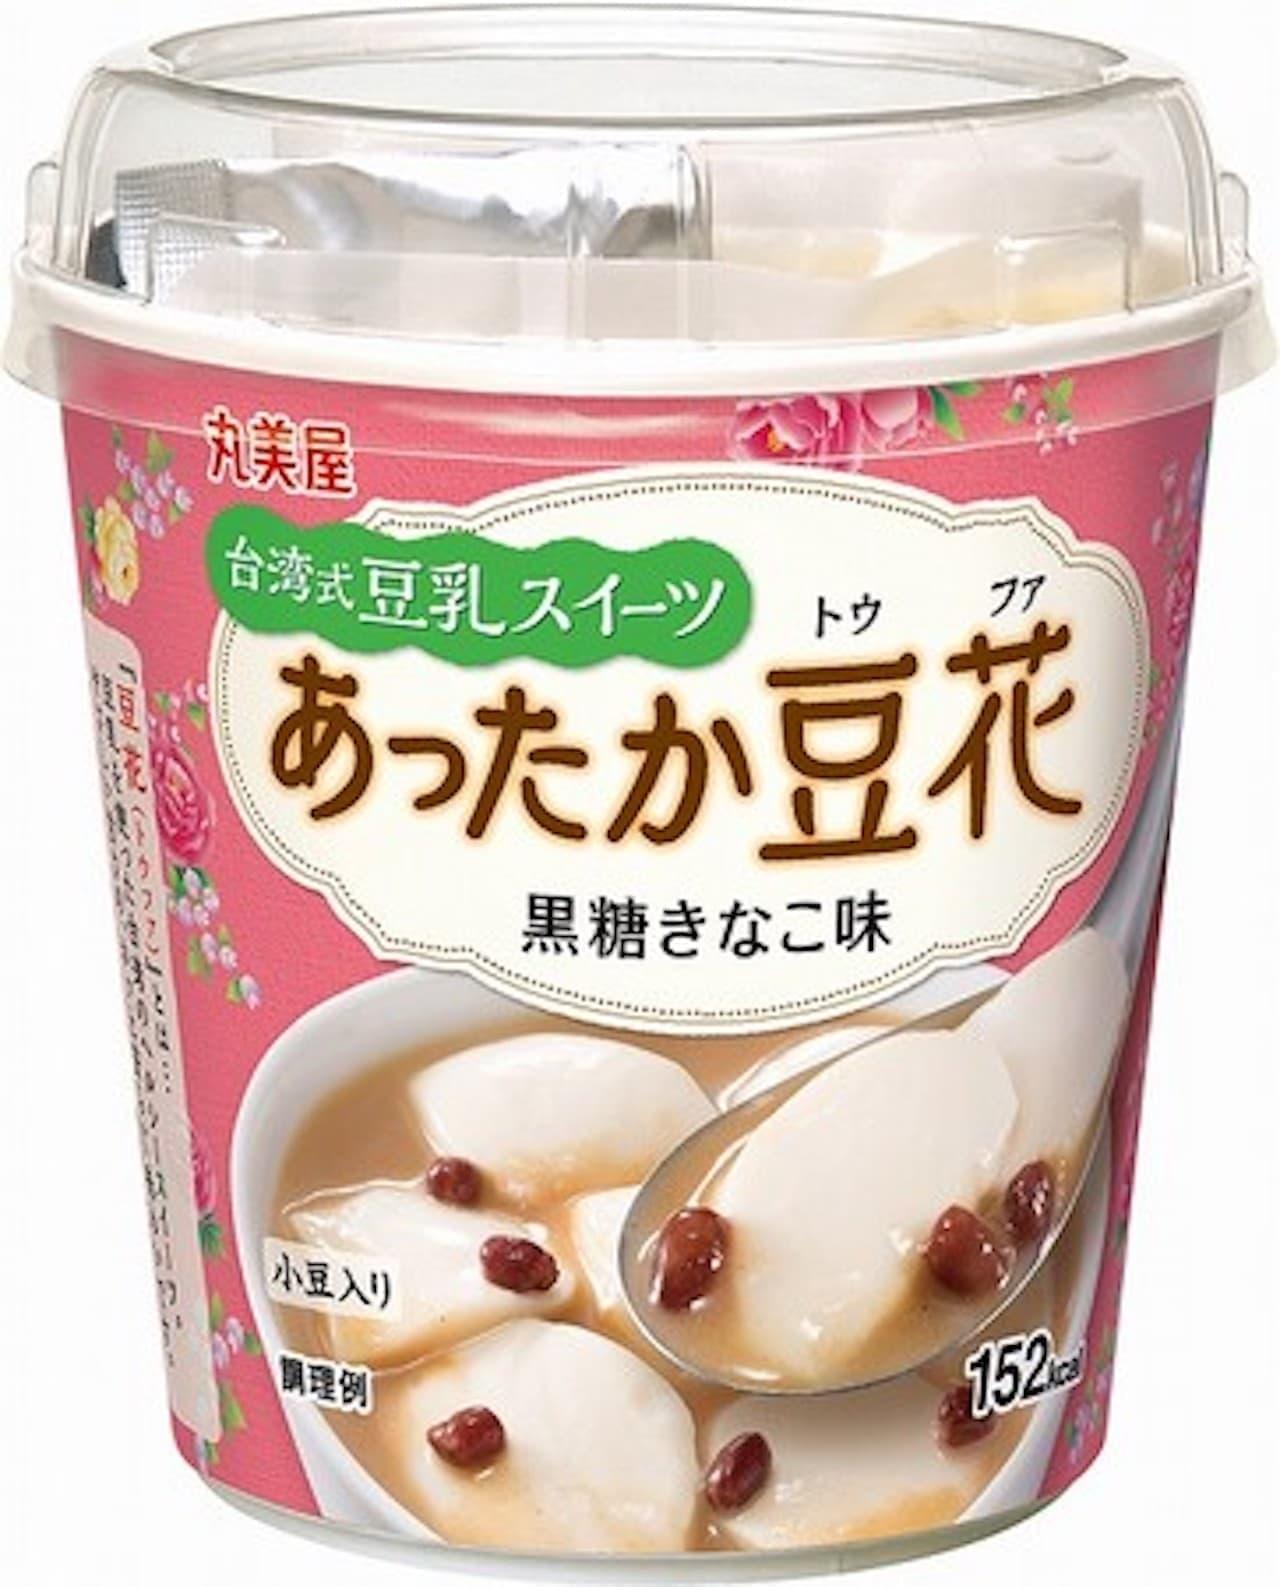 「あったか豆花(トウファ)<黒糖きなこ味>」ファミマ先行